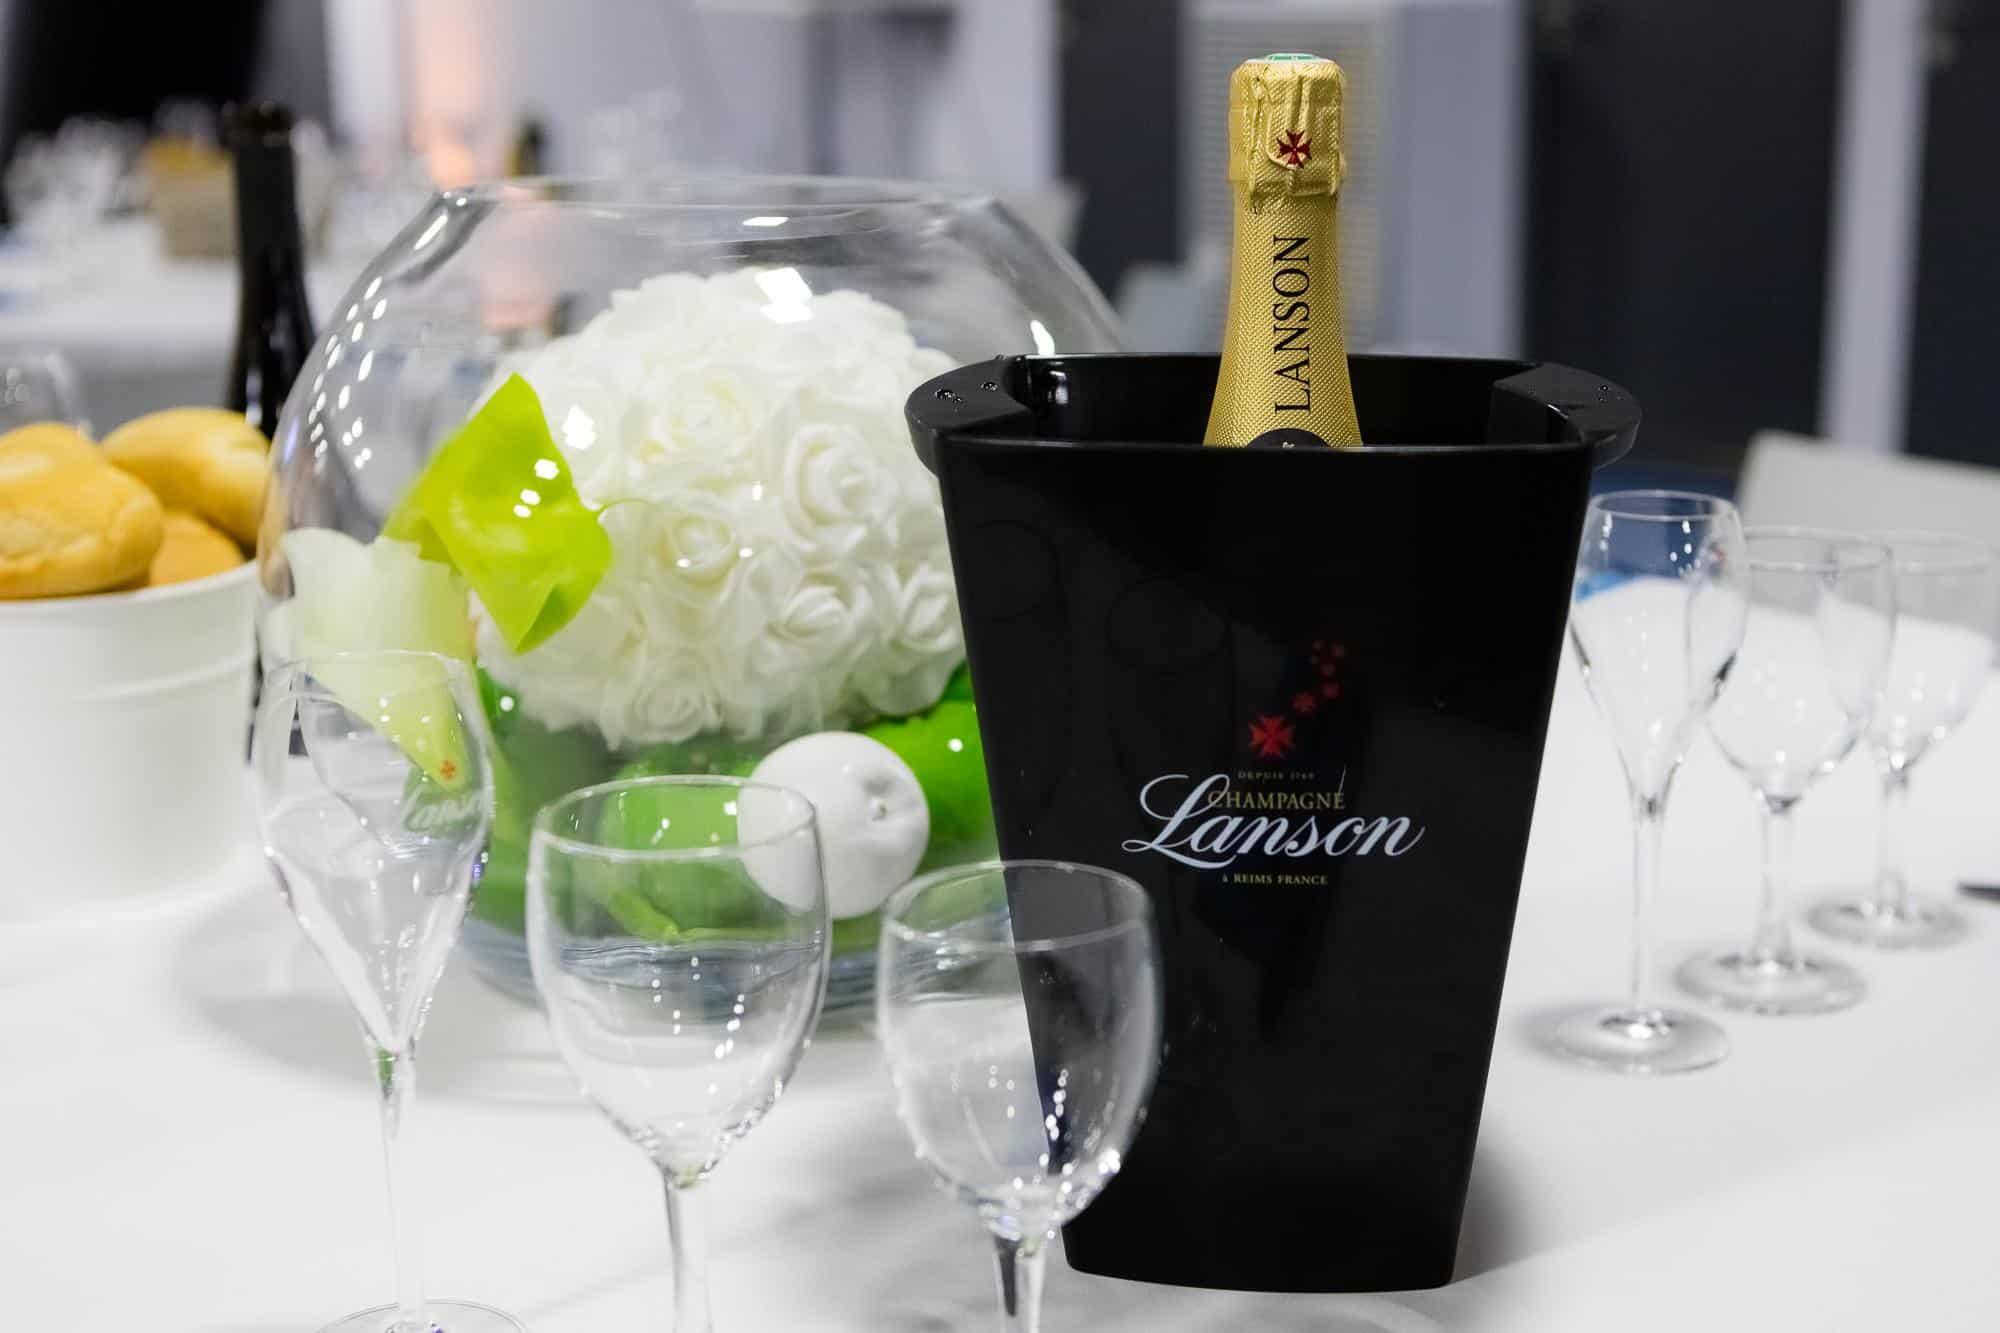 Maison de Champagne LANSON